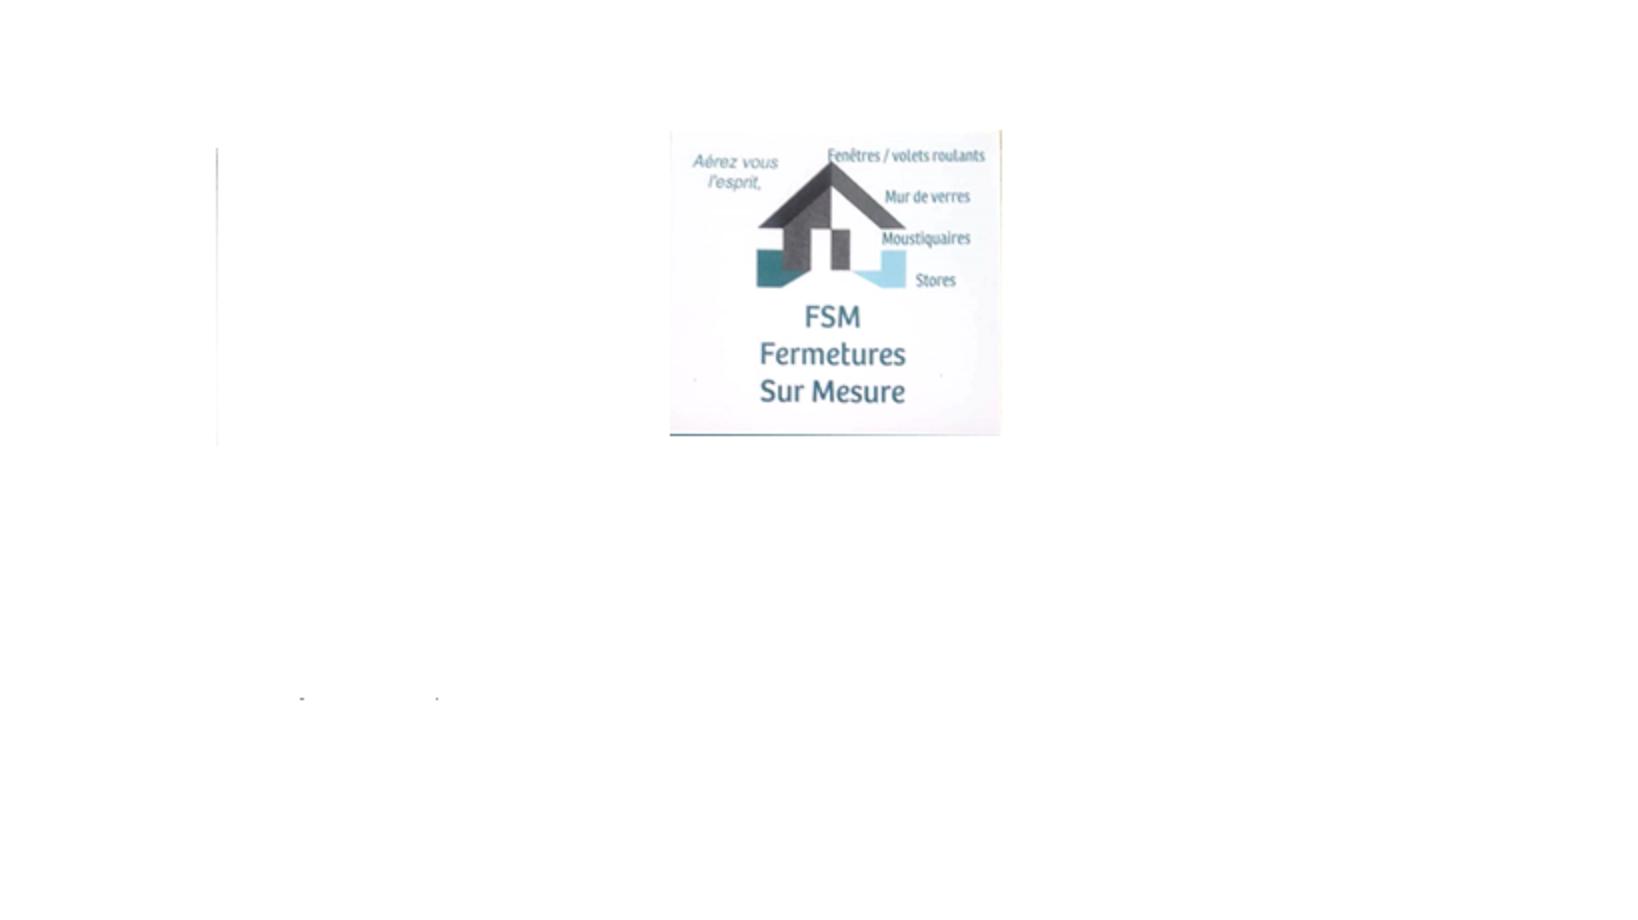 Logo de fermetures sur mesure, société de travaux en Fourniture et installation d'une ou plusieurs fenêtres